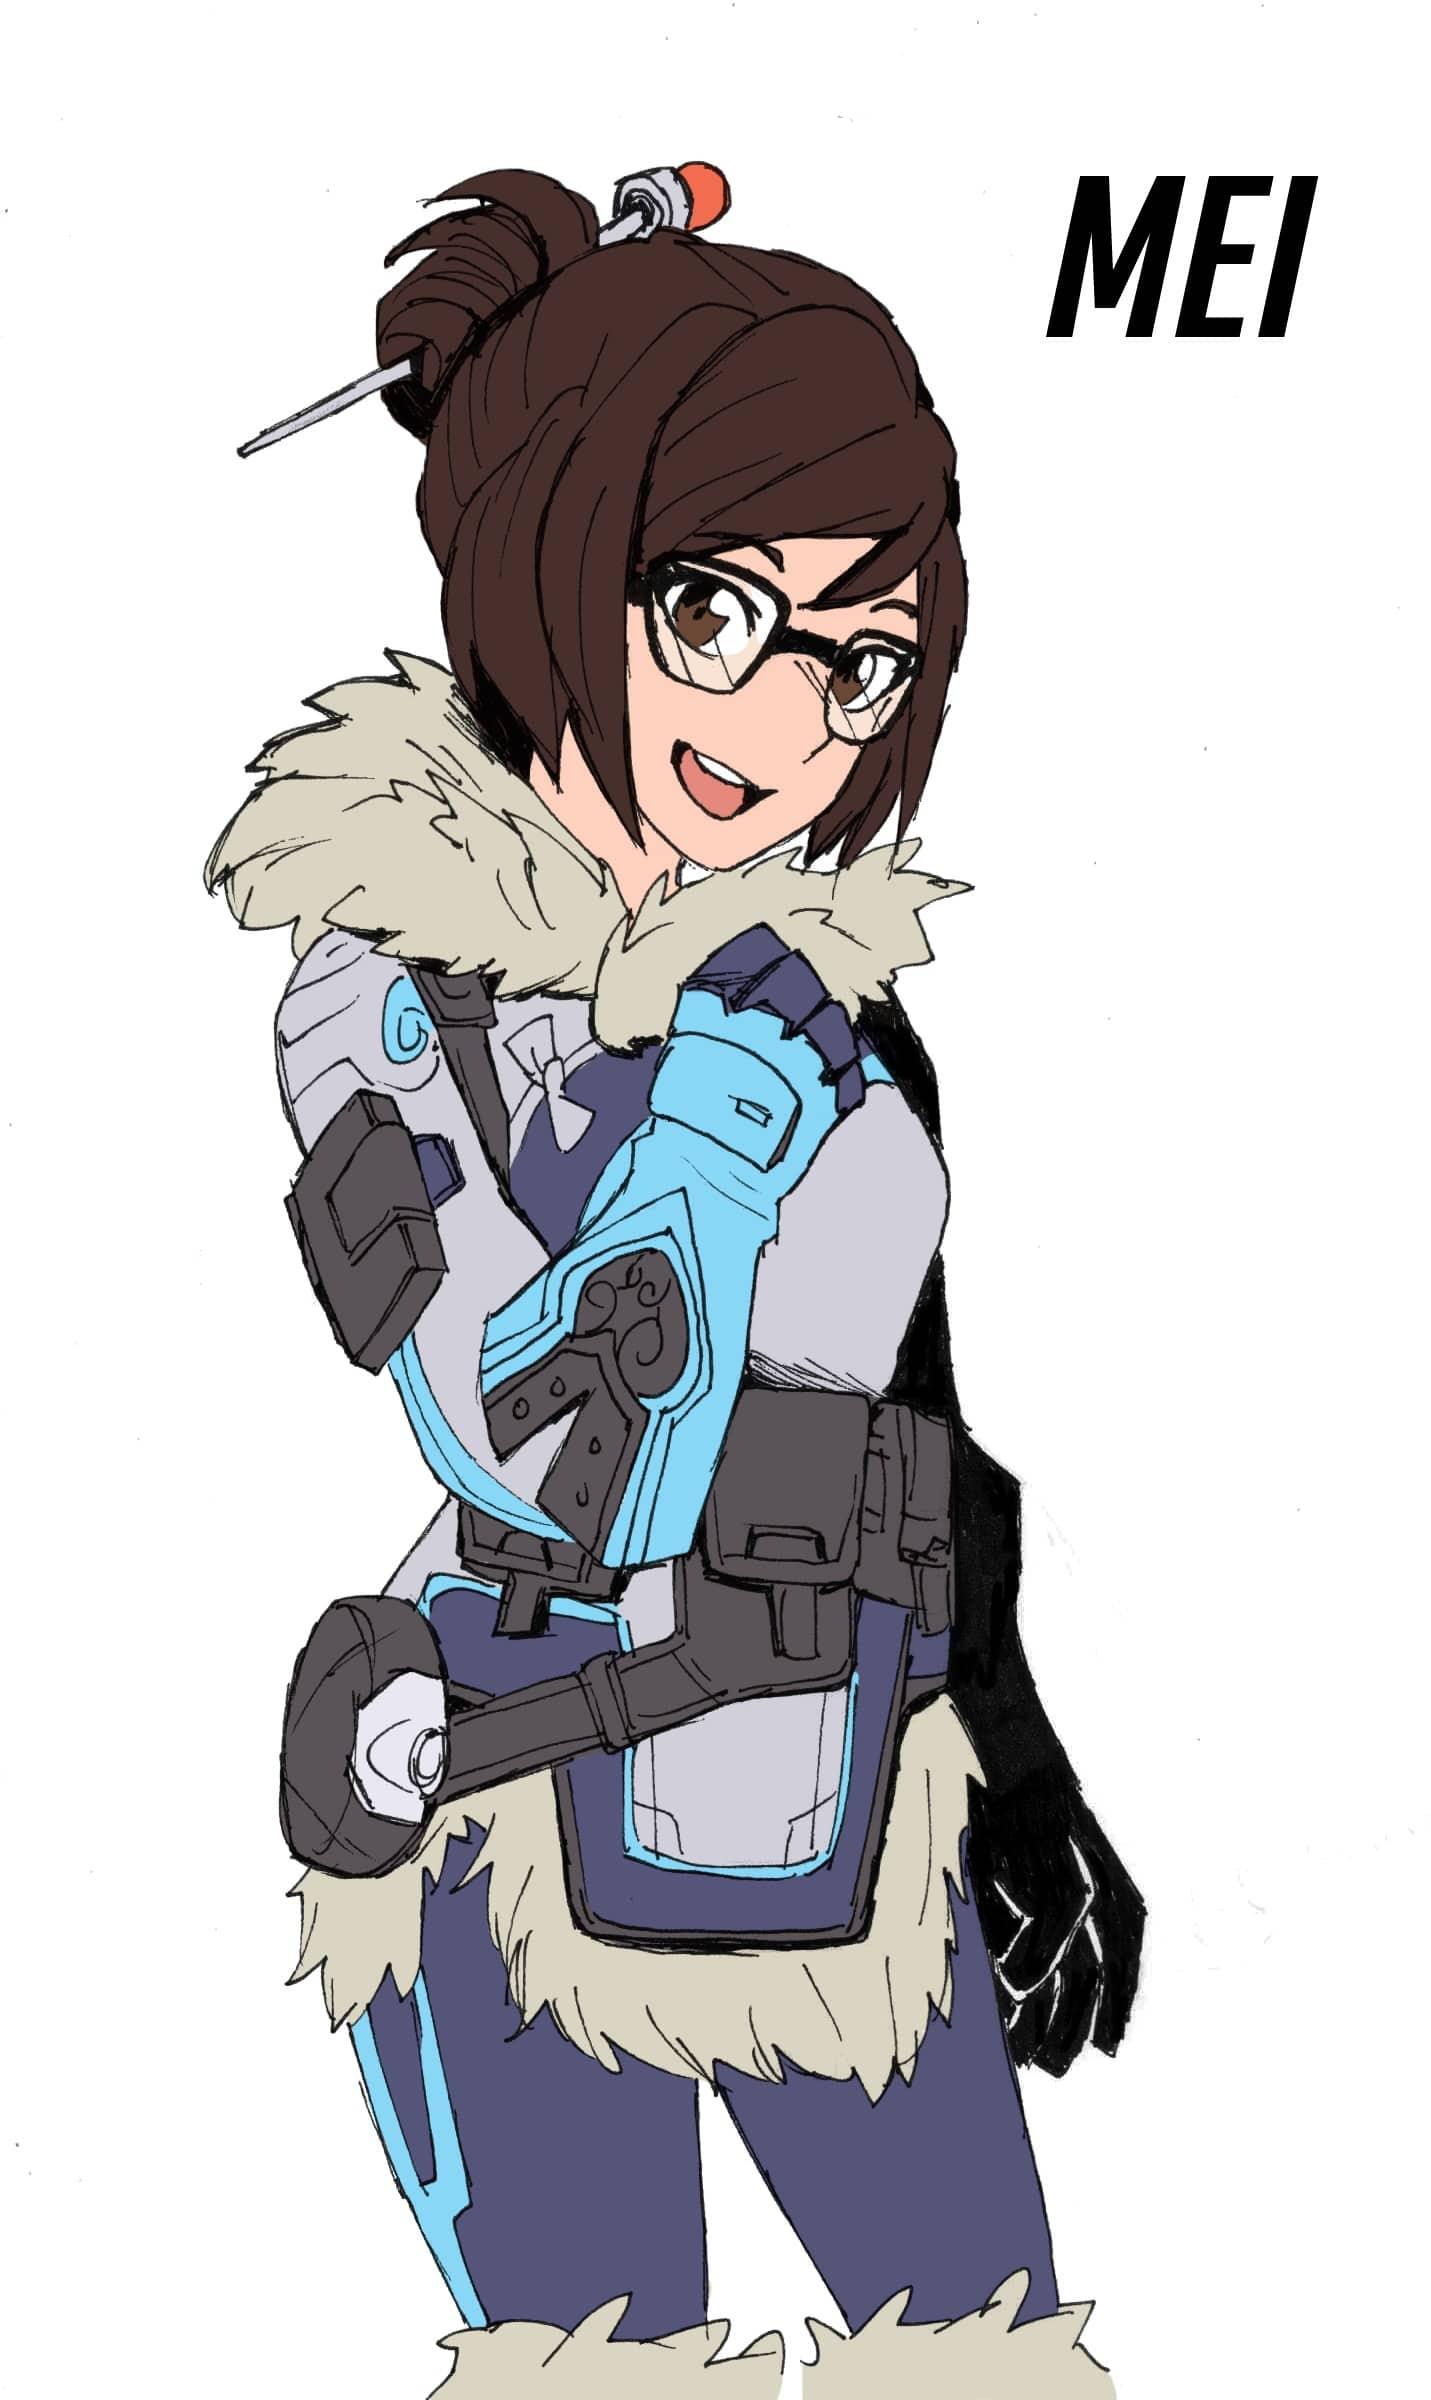 Overwatch : Mei Free